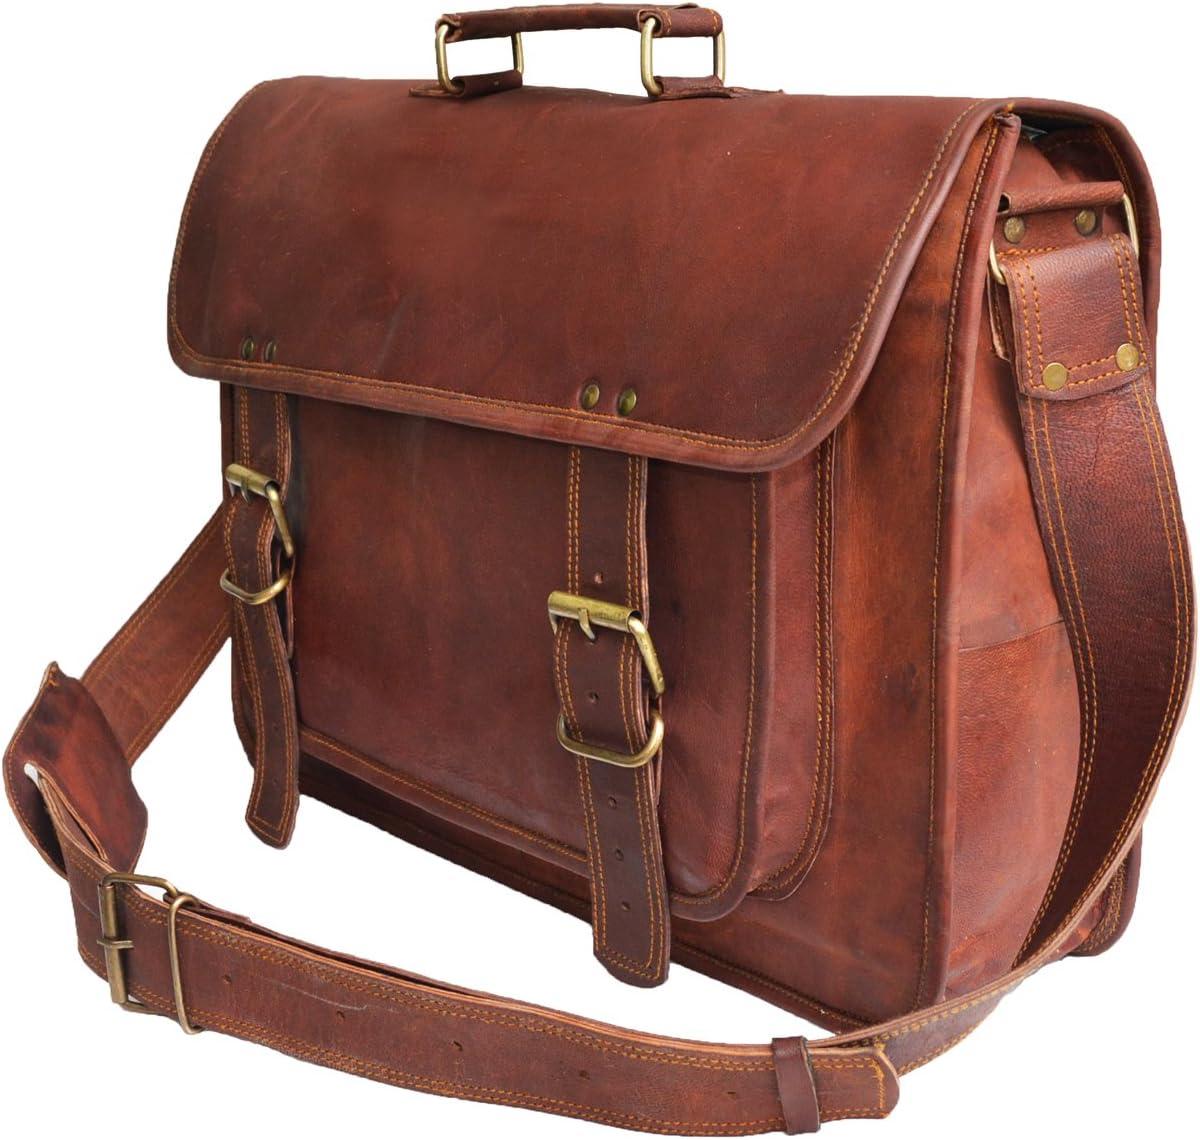 18 leather messenger bag laptop case office briefcase gift for men computer distressed shoulder bag